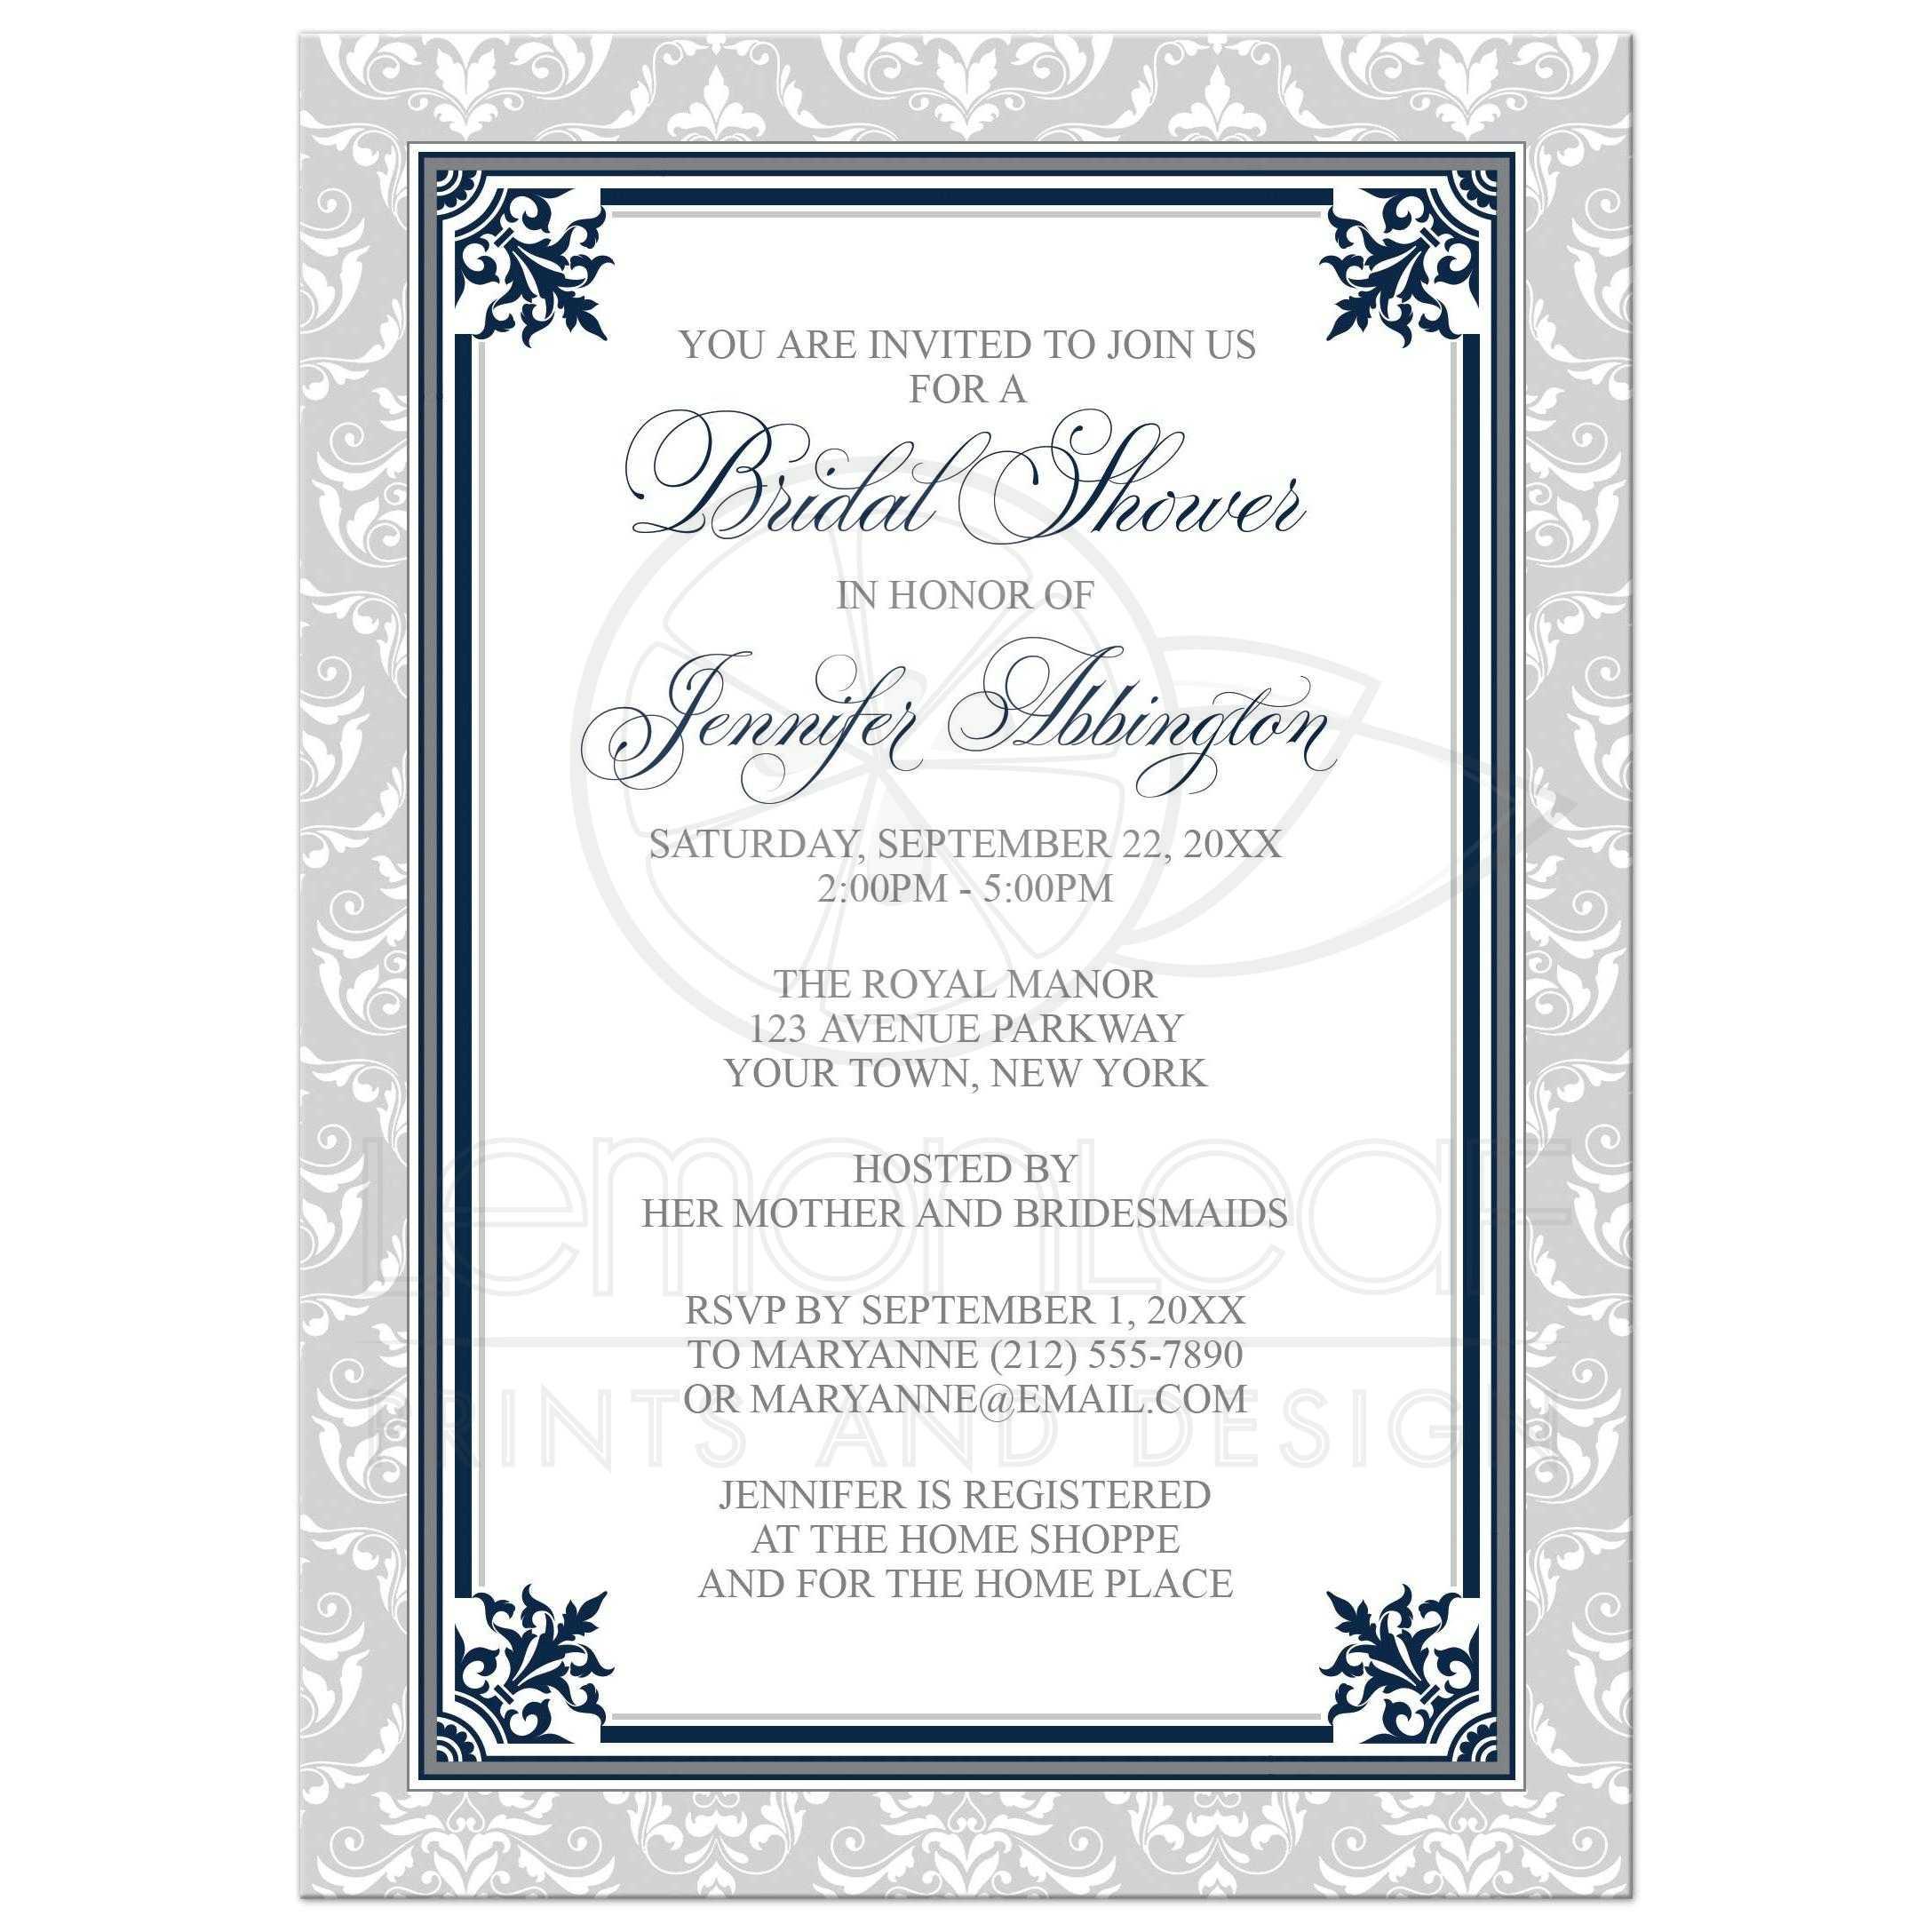 Shower Invitations - Navy and Gray Elegant Damask